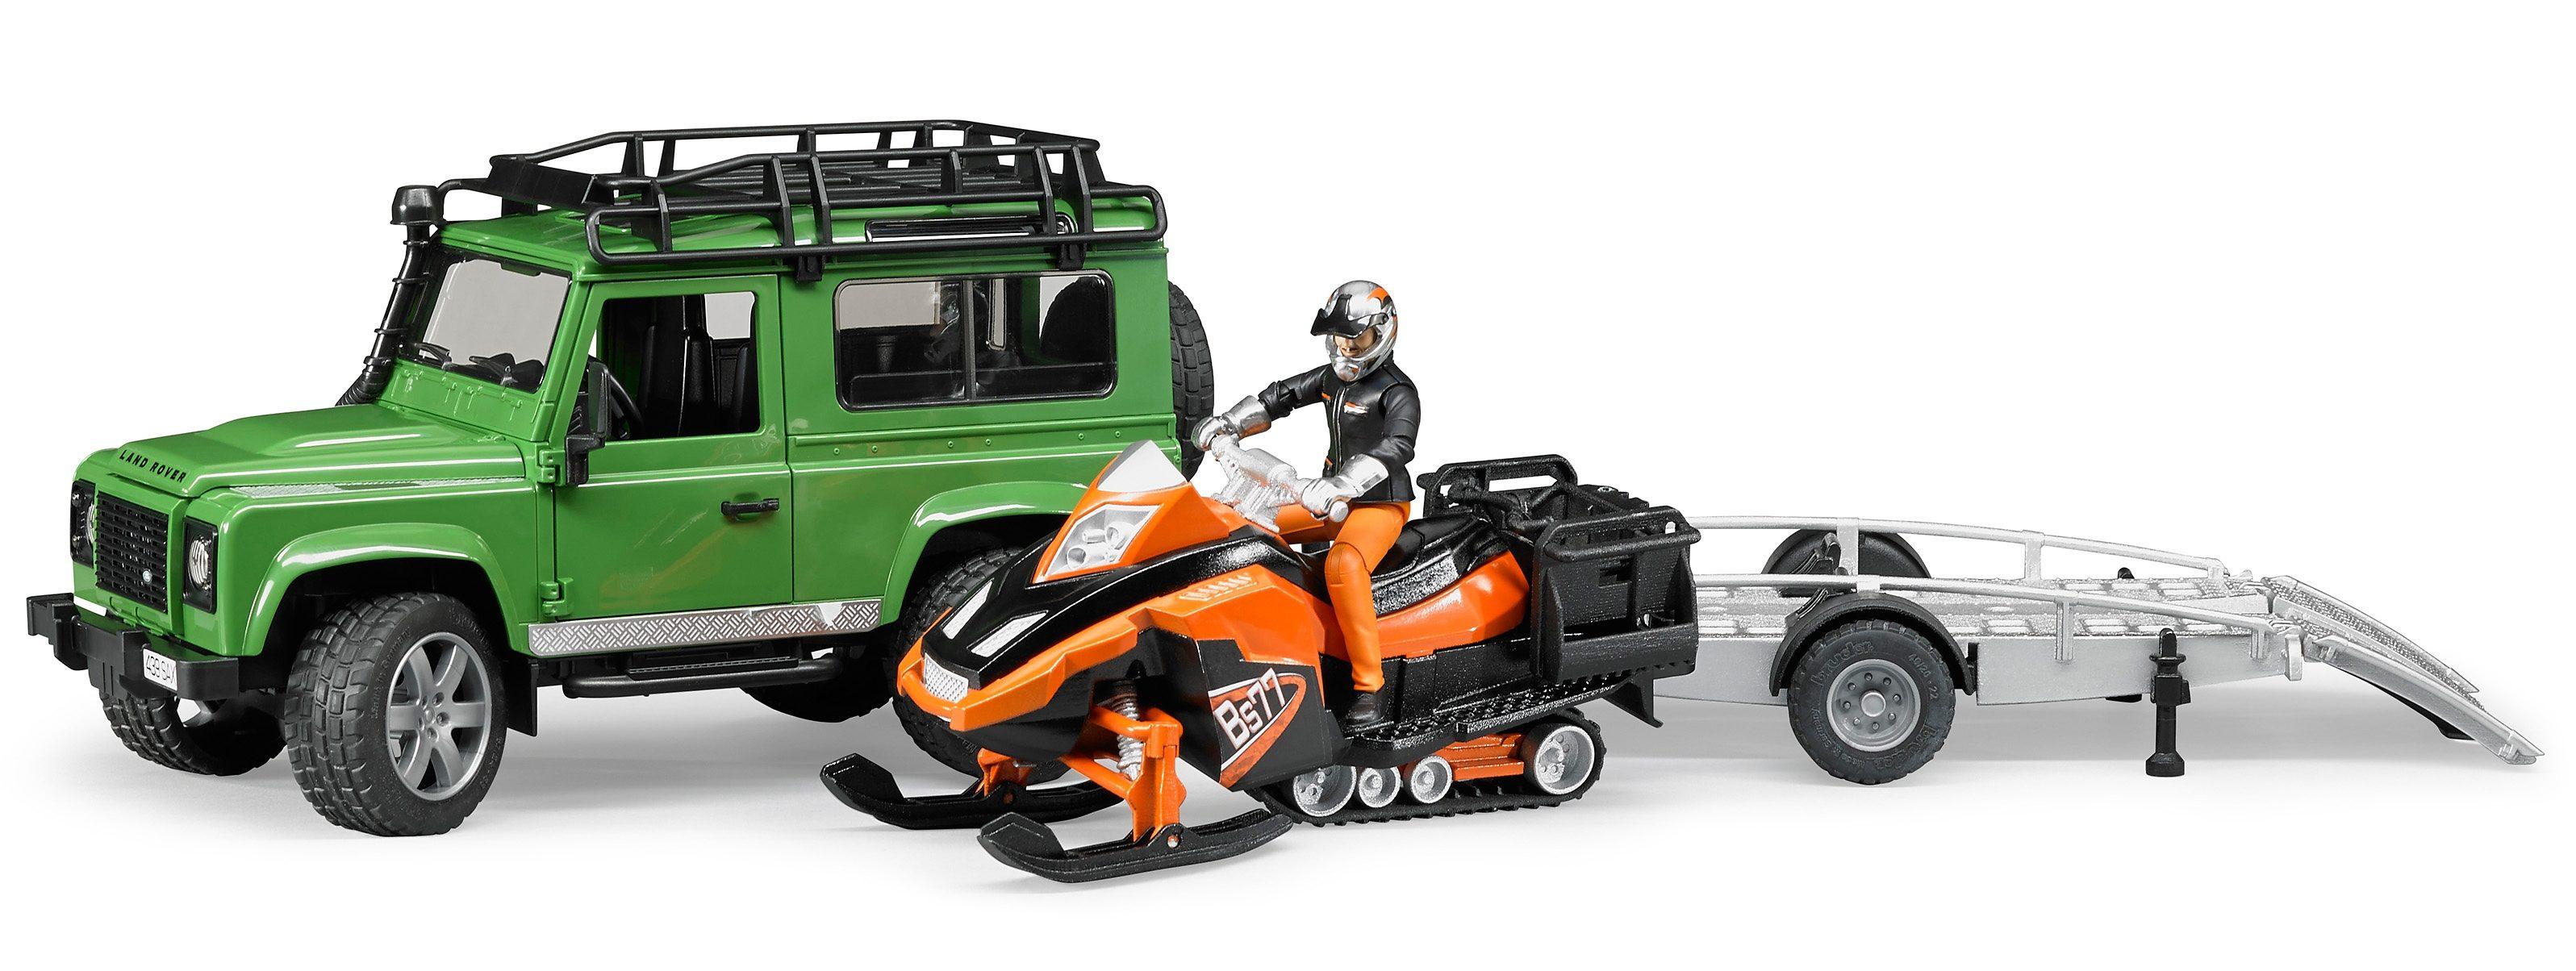 bruder® Spielzeugauto-Set 4-tlg. 02594, »Land Rover Defender Station Wagon, Anhänger, Snowmobil u. Fahrer«